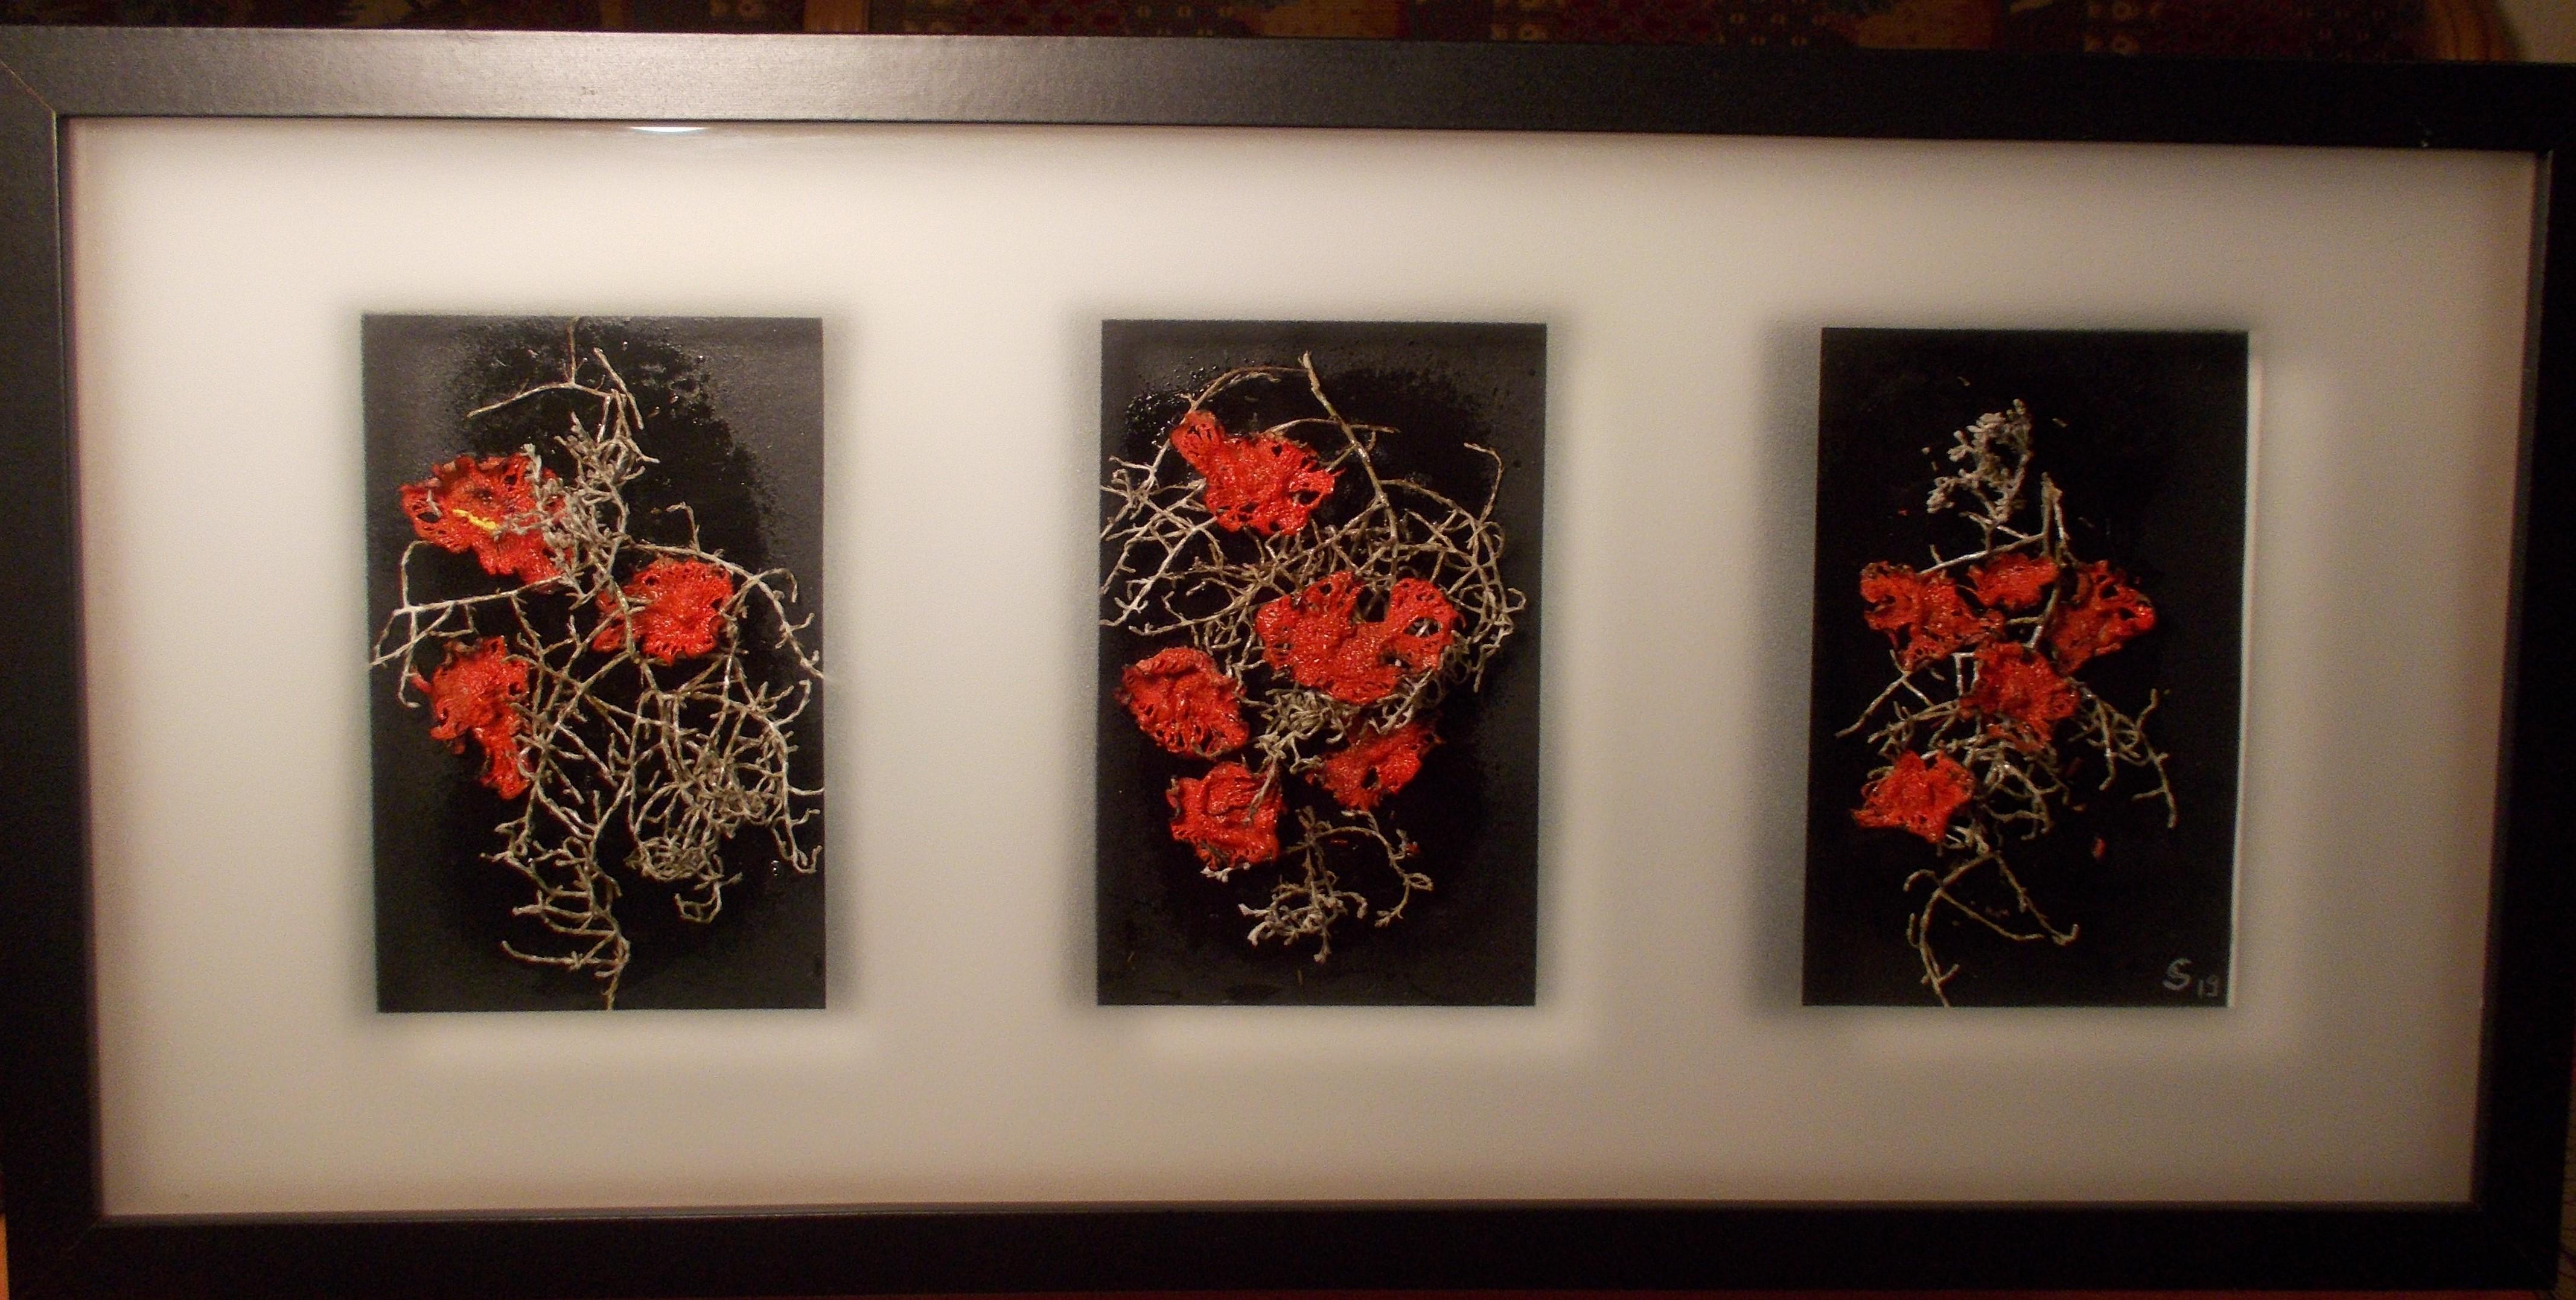 Blumen in der Nacht